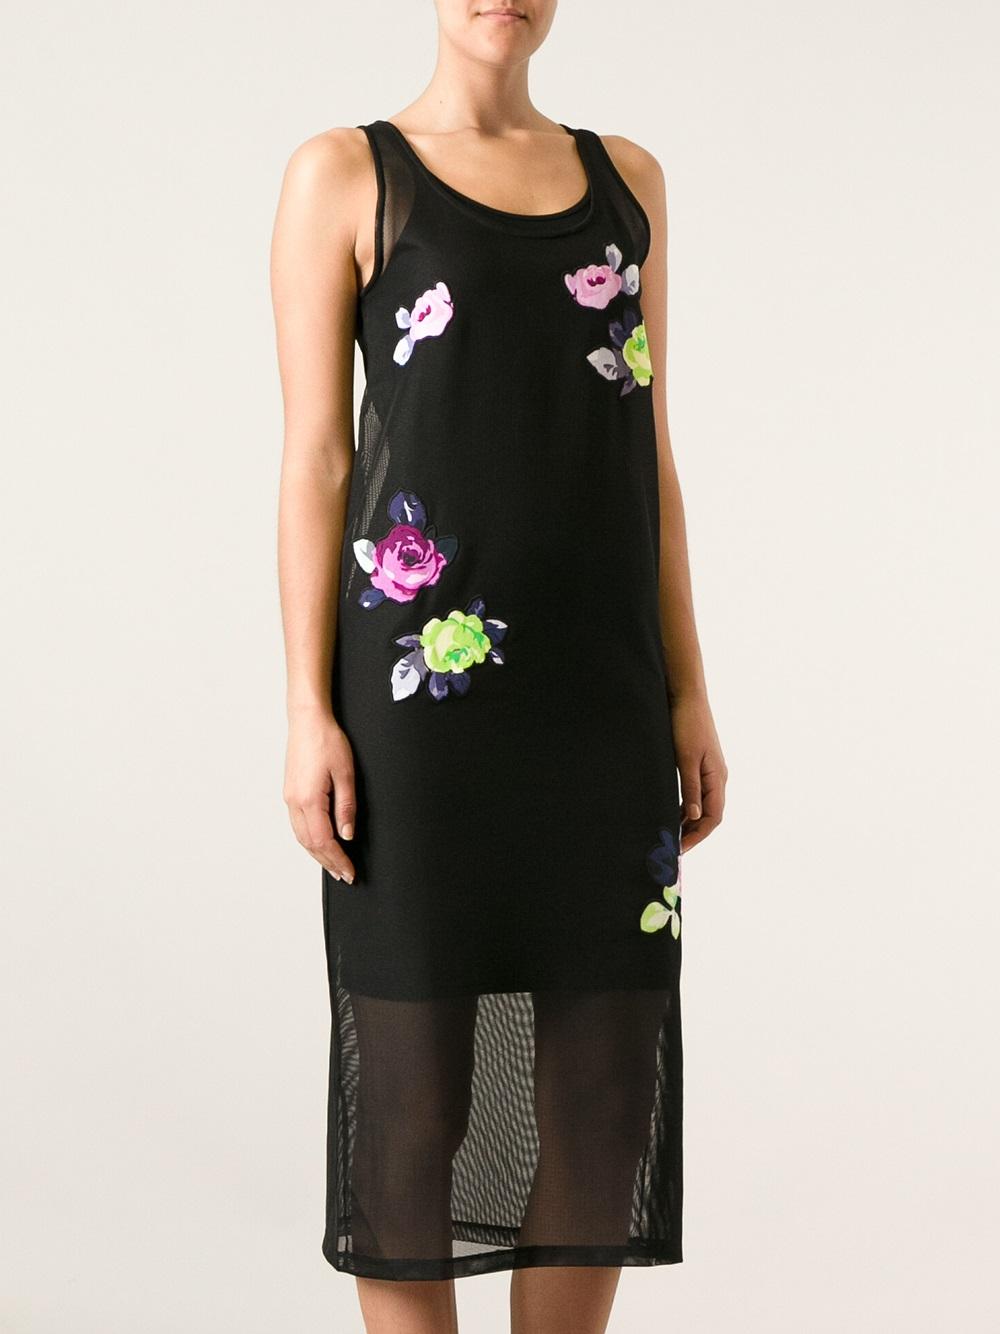 Carven Rose Appliqué Dress w/ Tags Sale 2018 fucypqzw